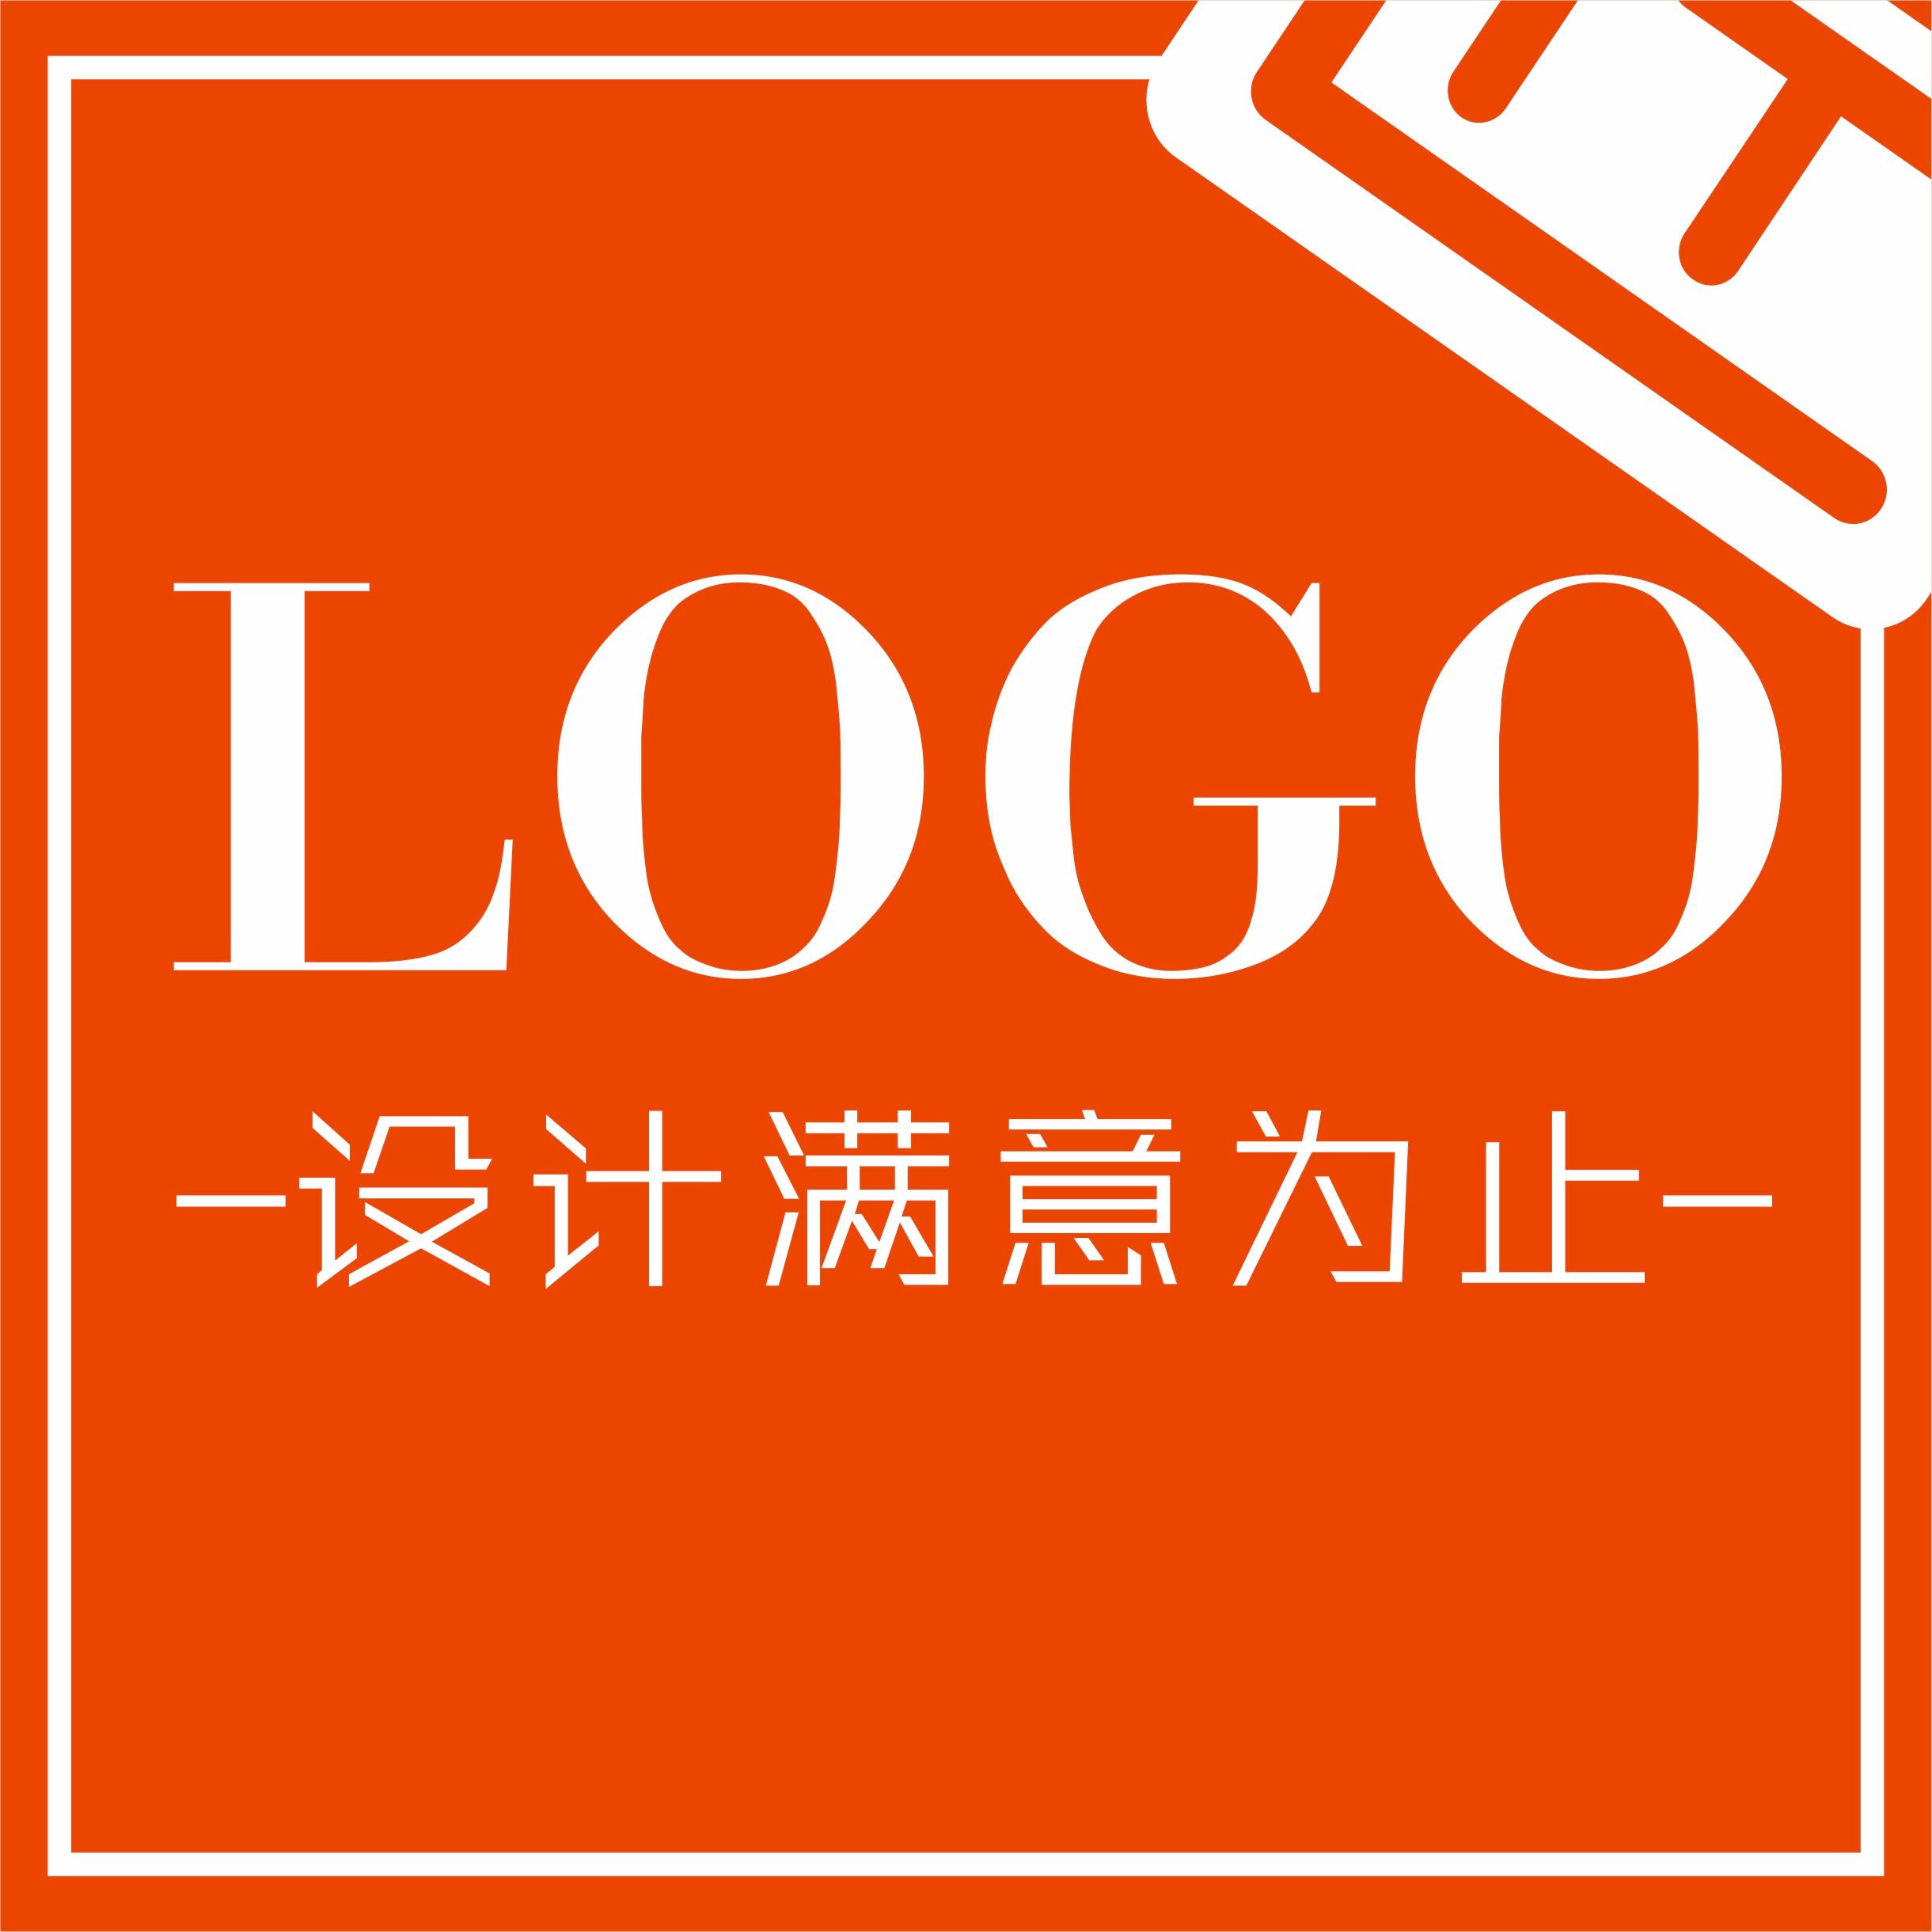 【匠意】logo设计食品LOGO设计标志设计企业logo设计